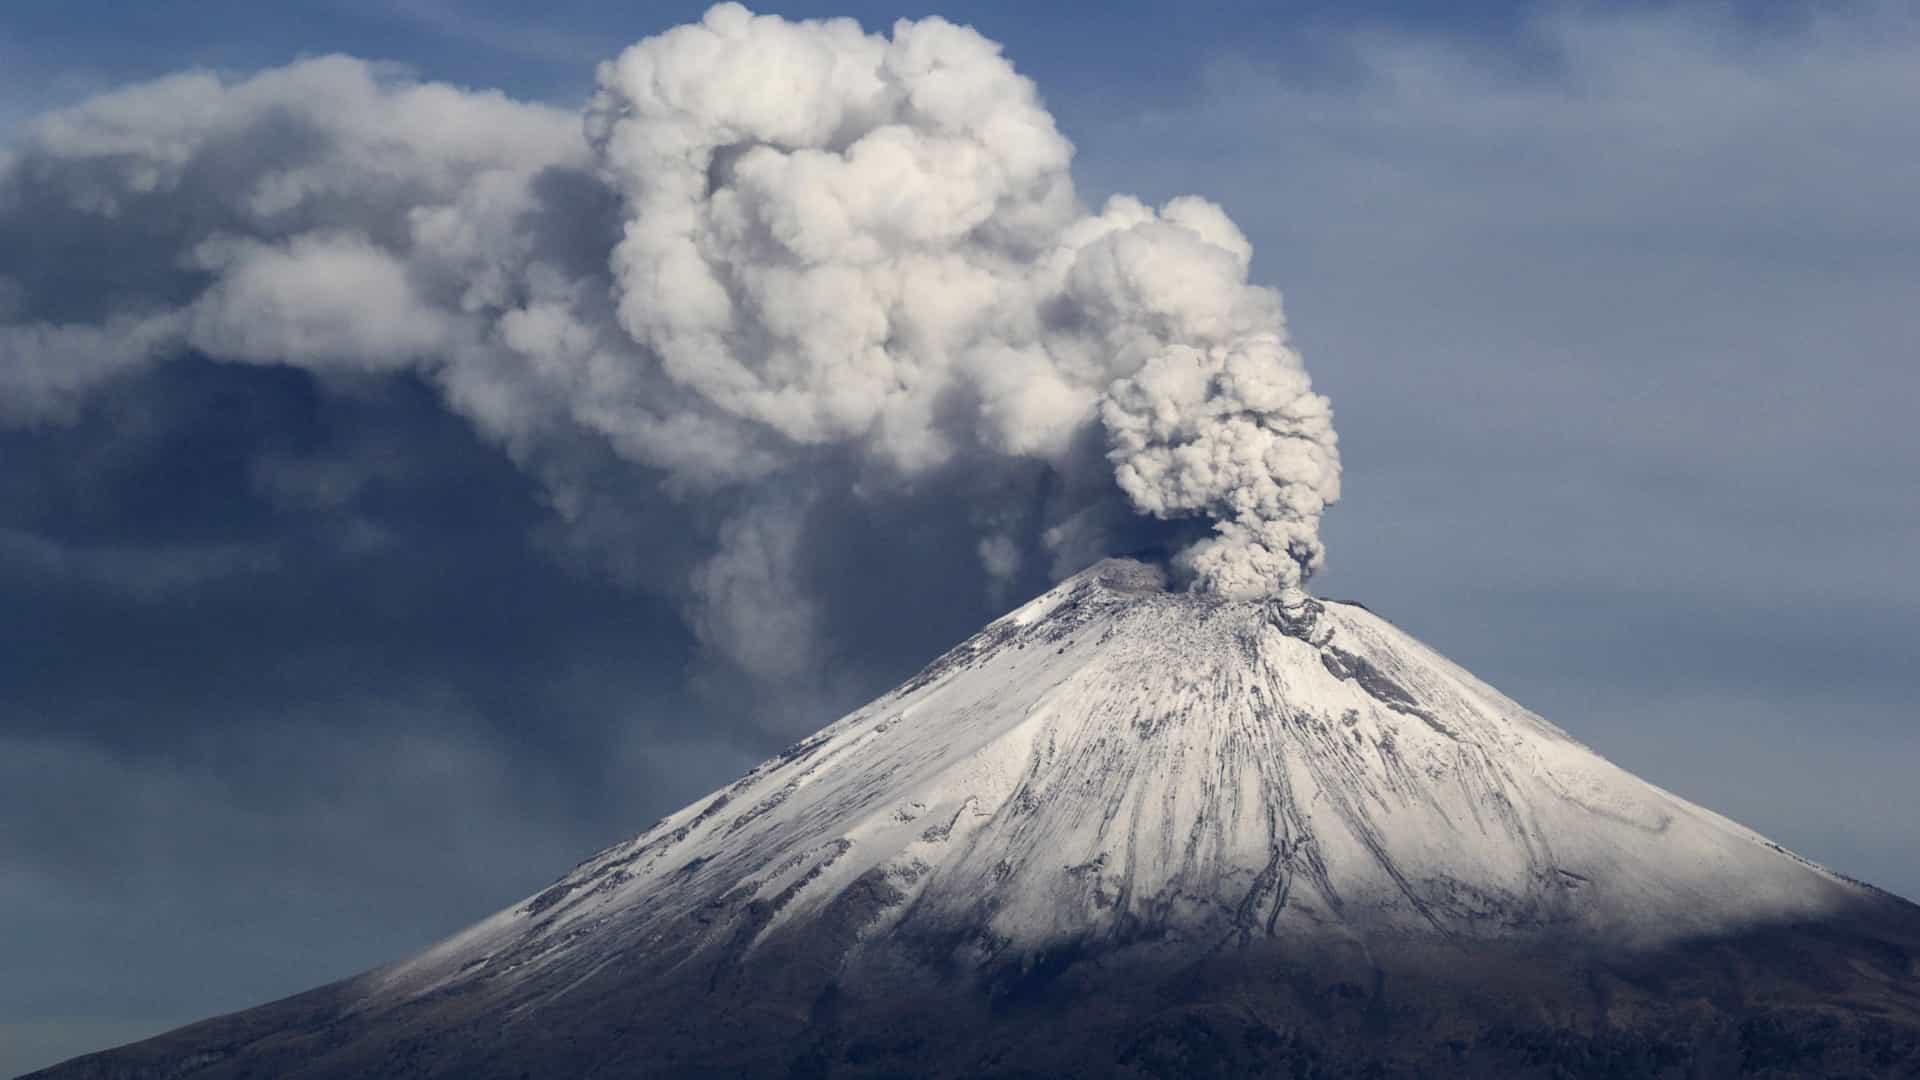 Vulcão entra em erupção no Japão. Autoridades elevam nível de alerta